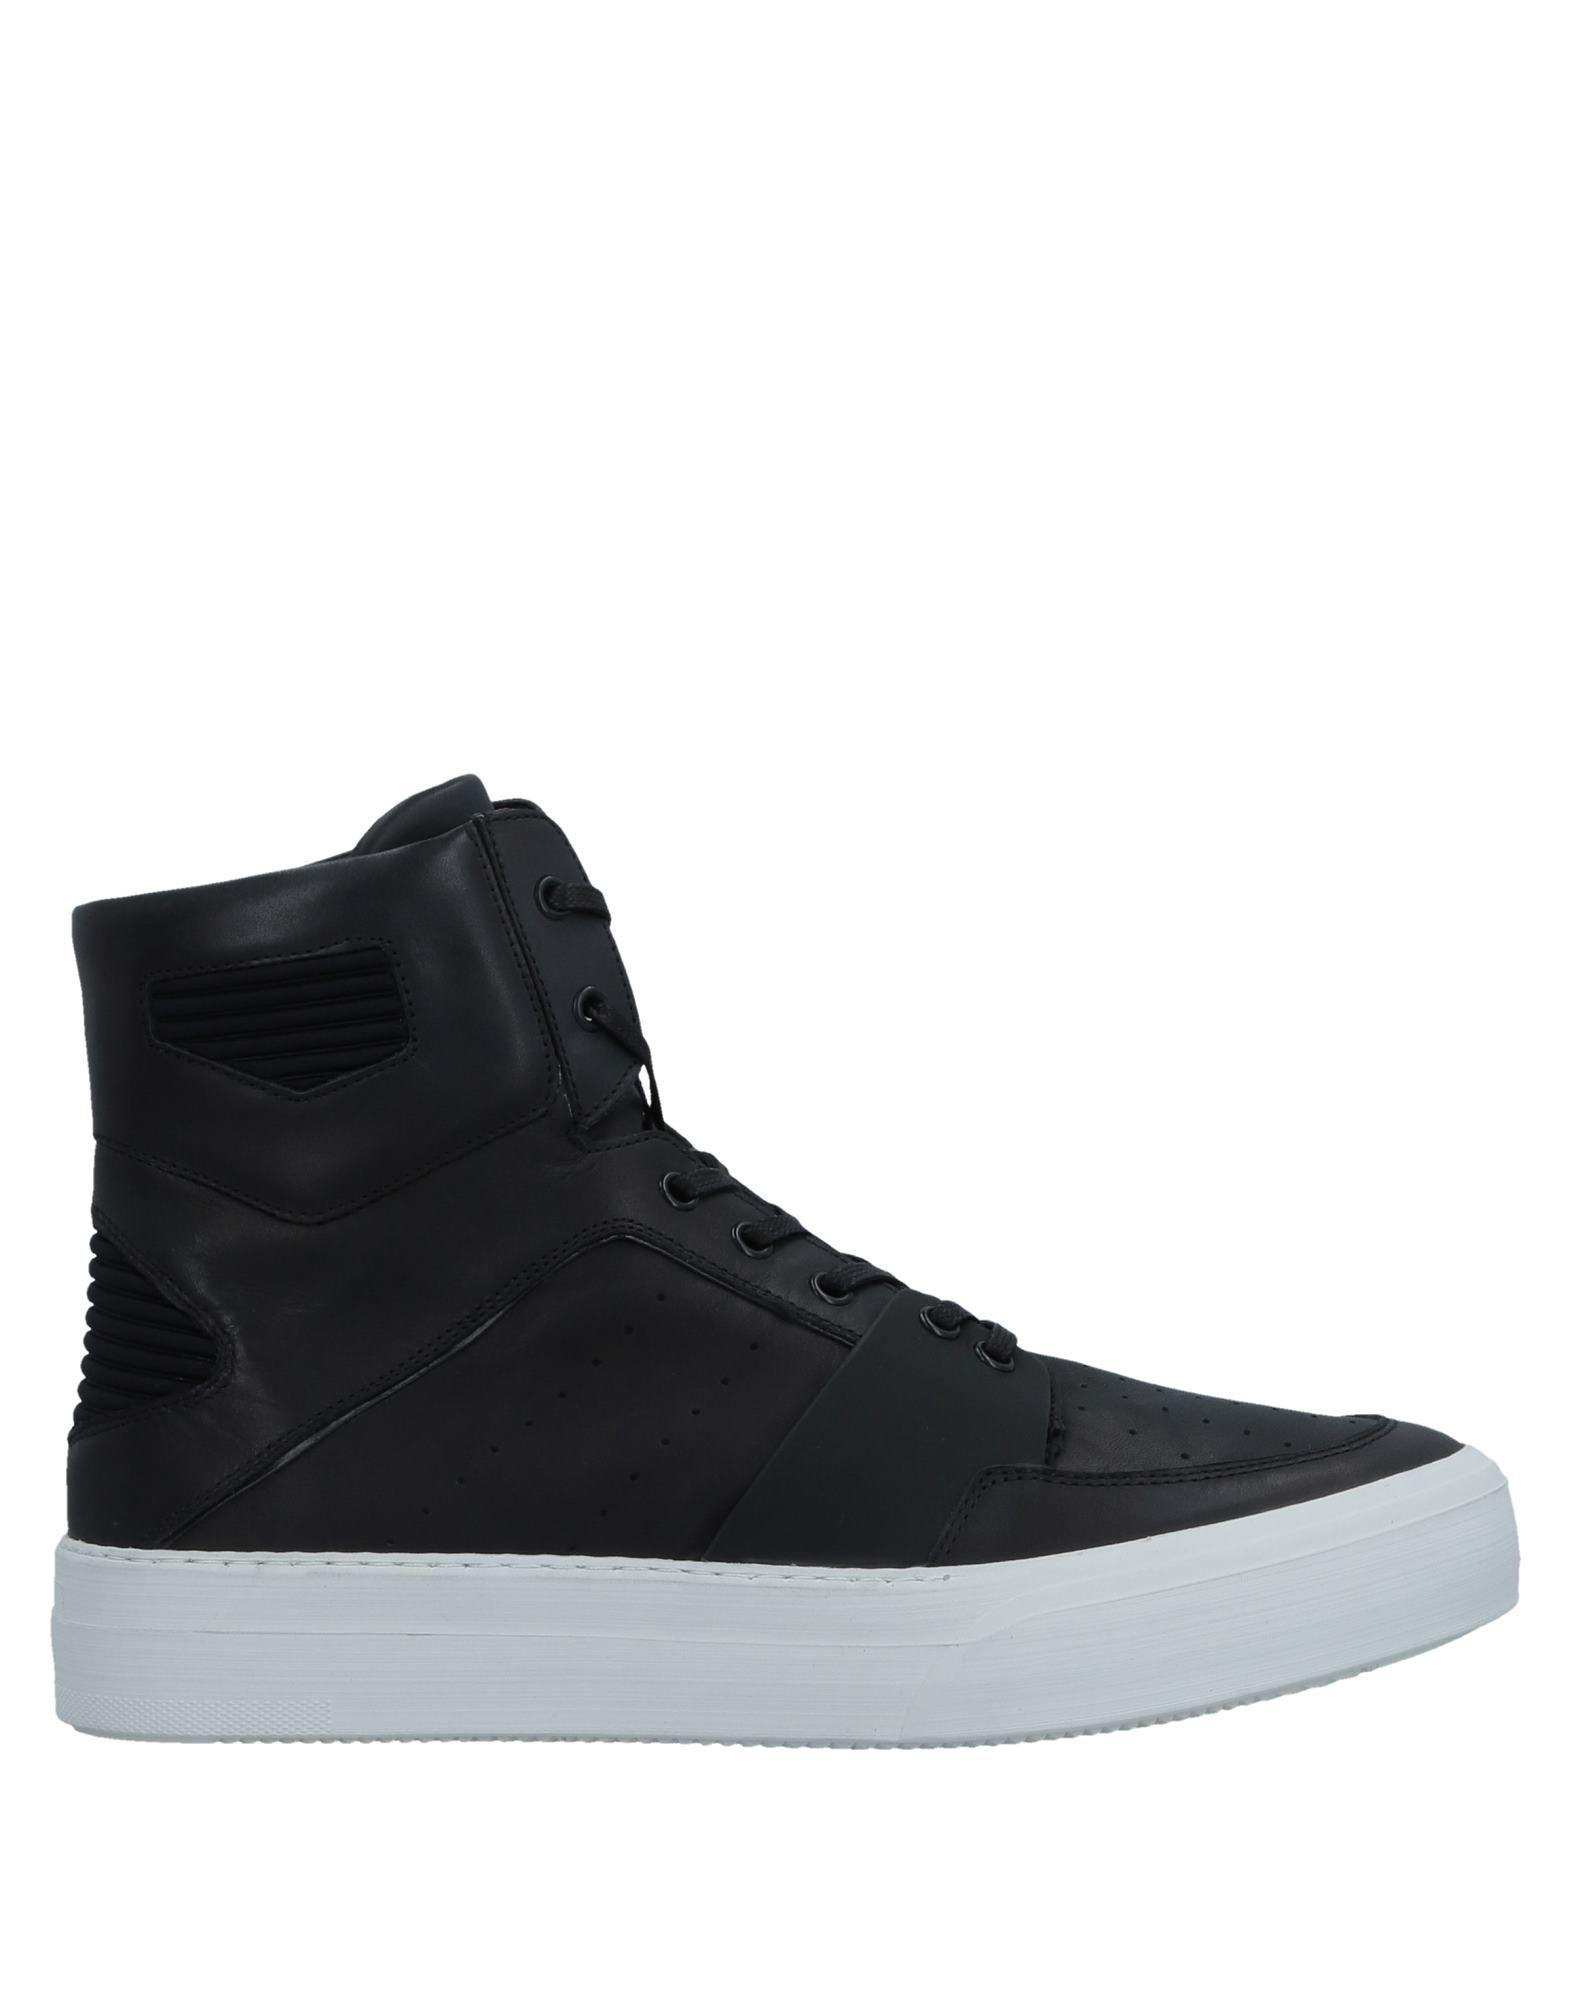 11518164JJ Bikkembergs Sneakers Herren  11518164JJ  Heiße Schuhe 5d76c1